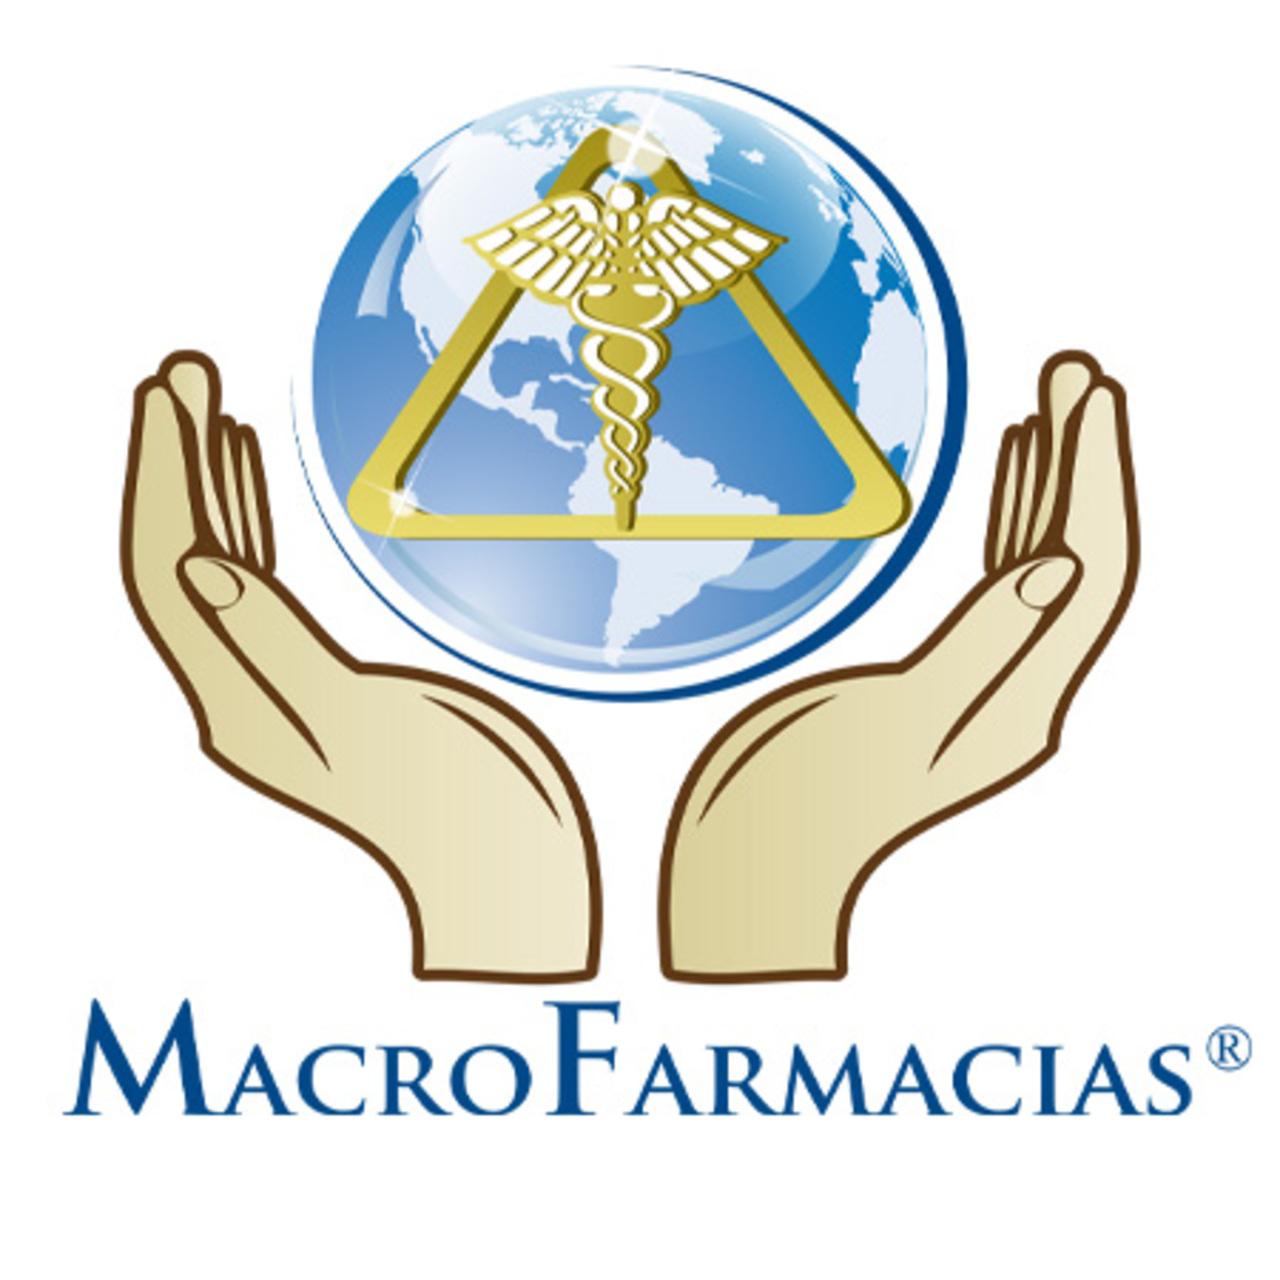 Macrofarmacias